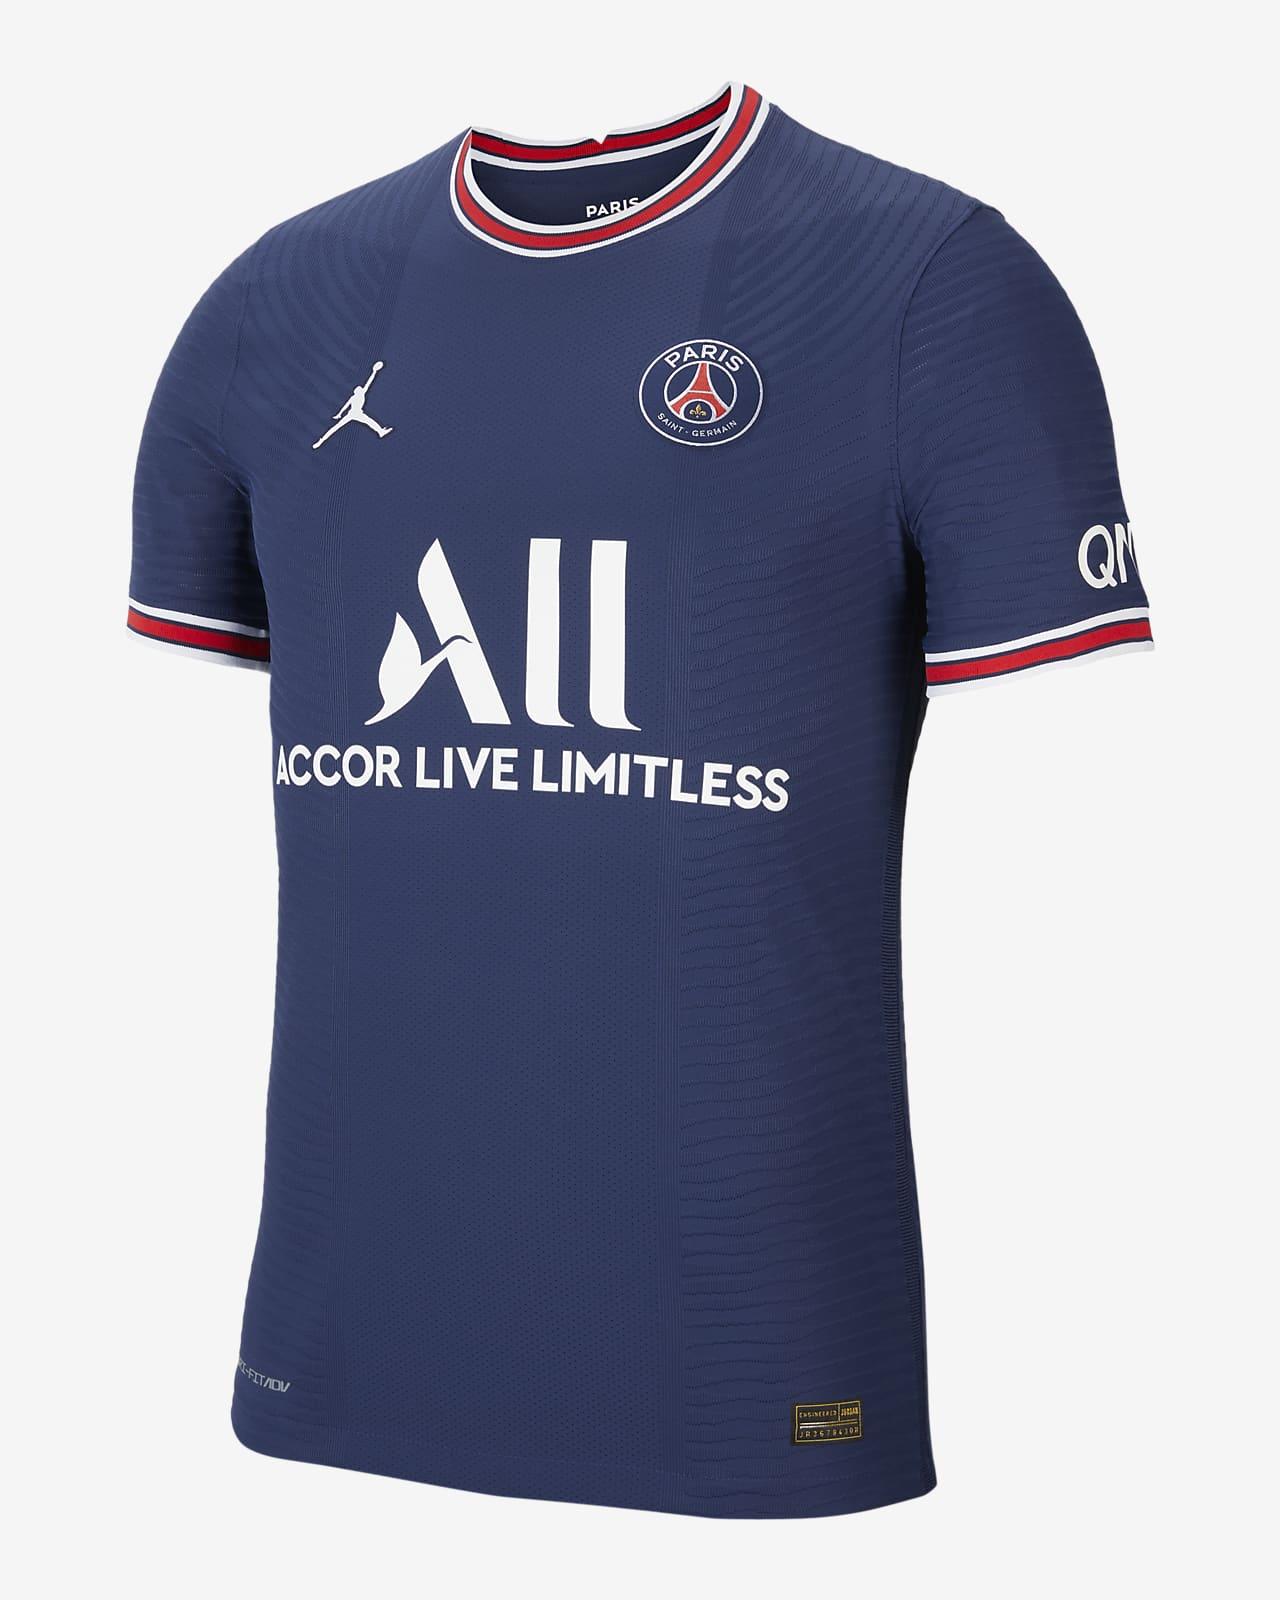 パリ サンジェルマン 2021/22 マッチ ホーム メンズ ナイキ Dri-FIT ADV サッカーユニフォーム